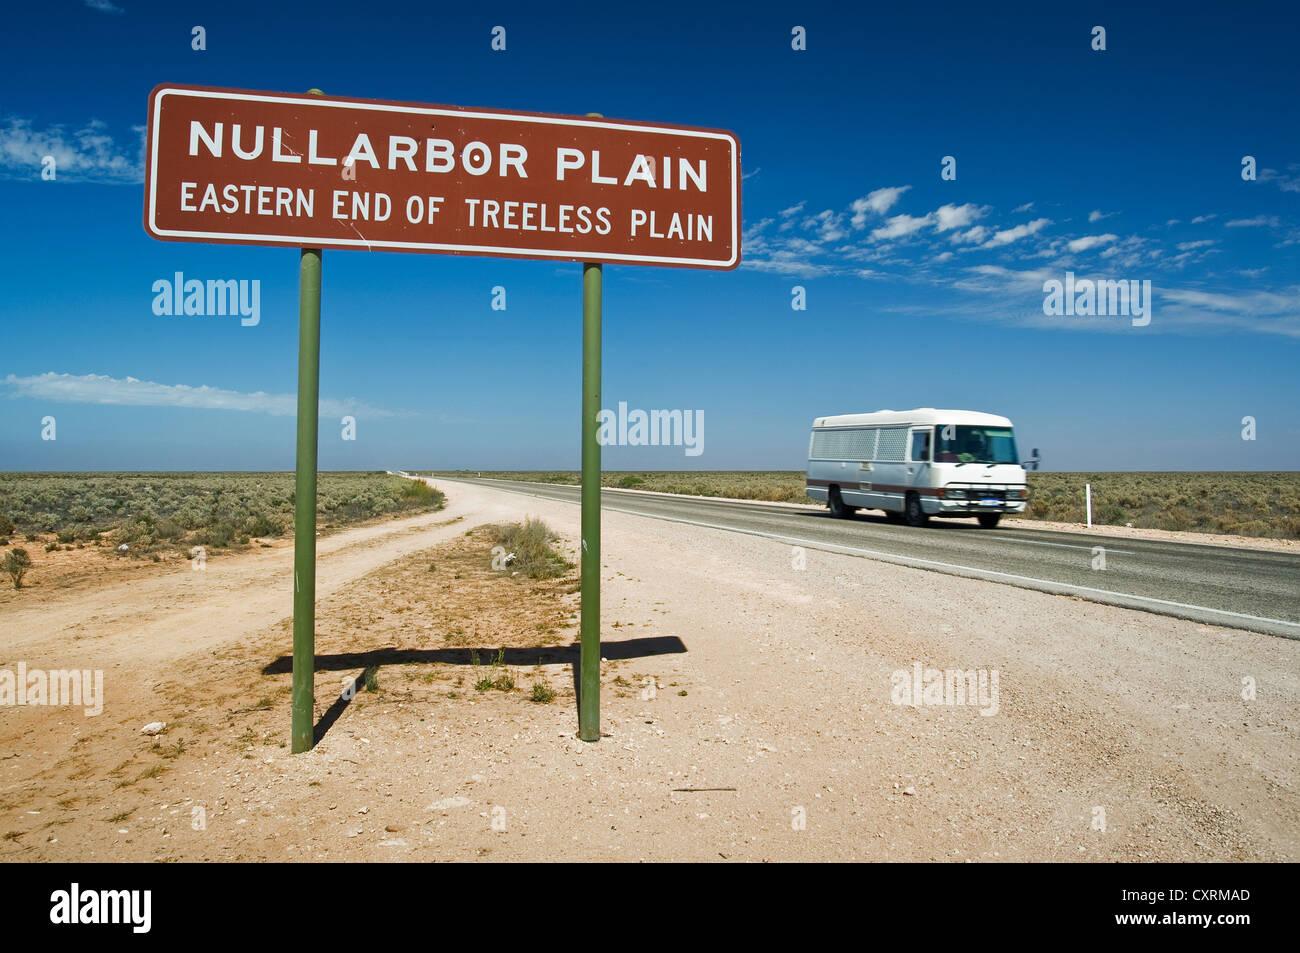 Plaine du Nullarbor panneau routier à l'autoroute de l'Eyre. Photo Stock